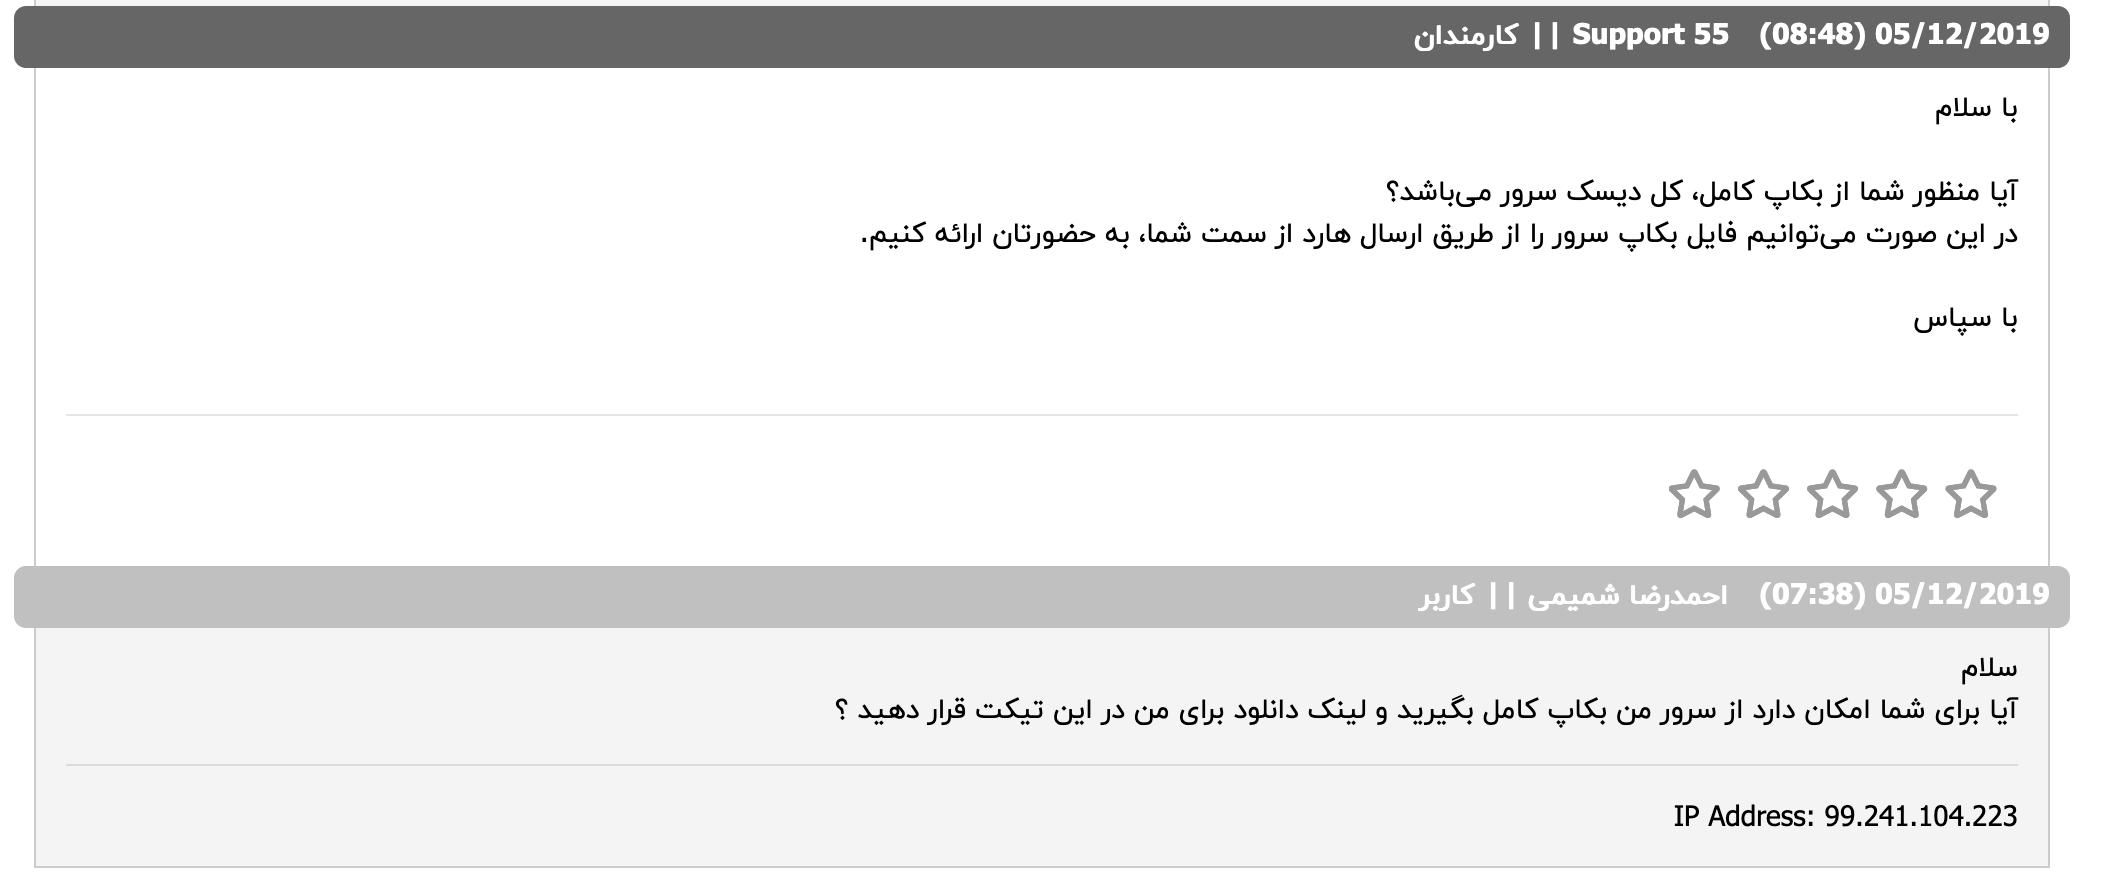 پشتیبانی از مدل ایرانی و پارس پکی